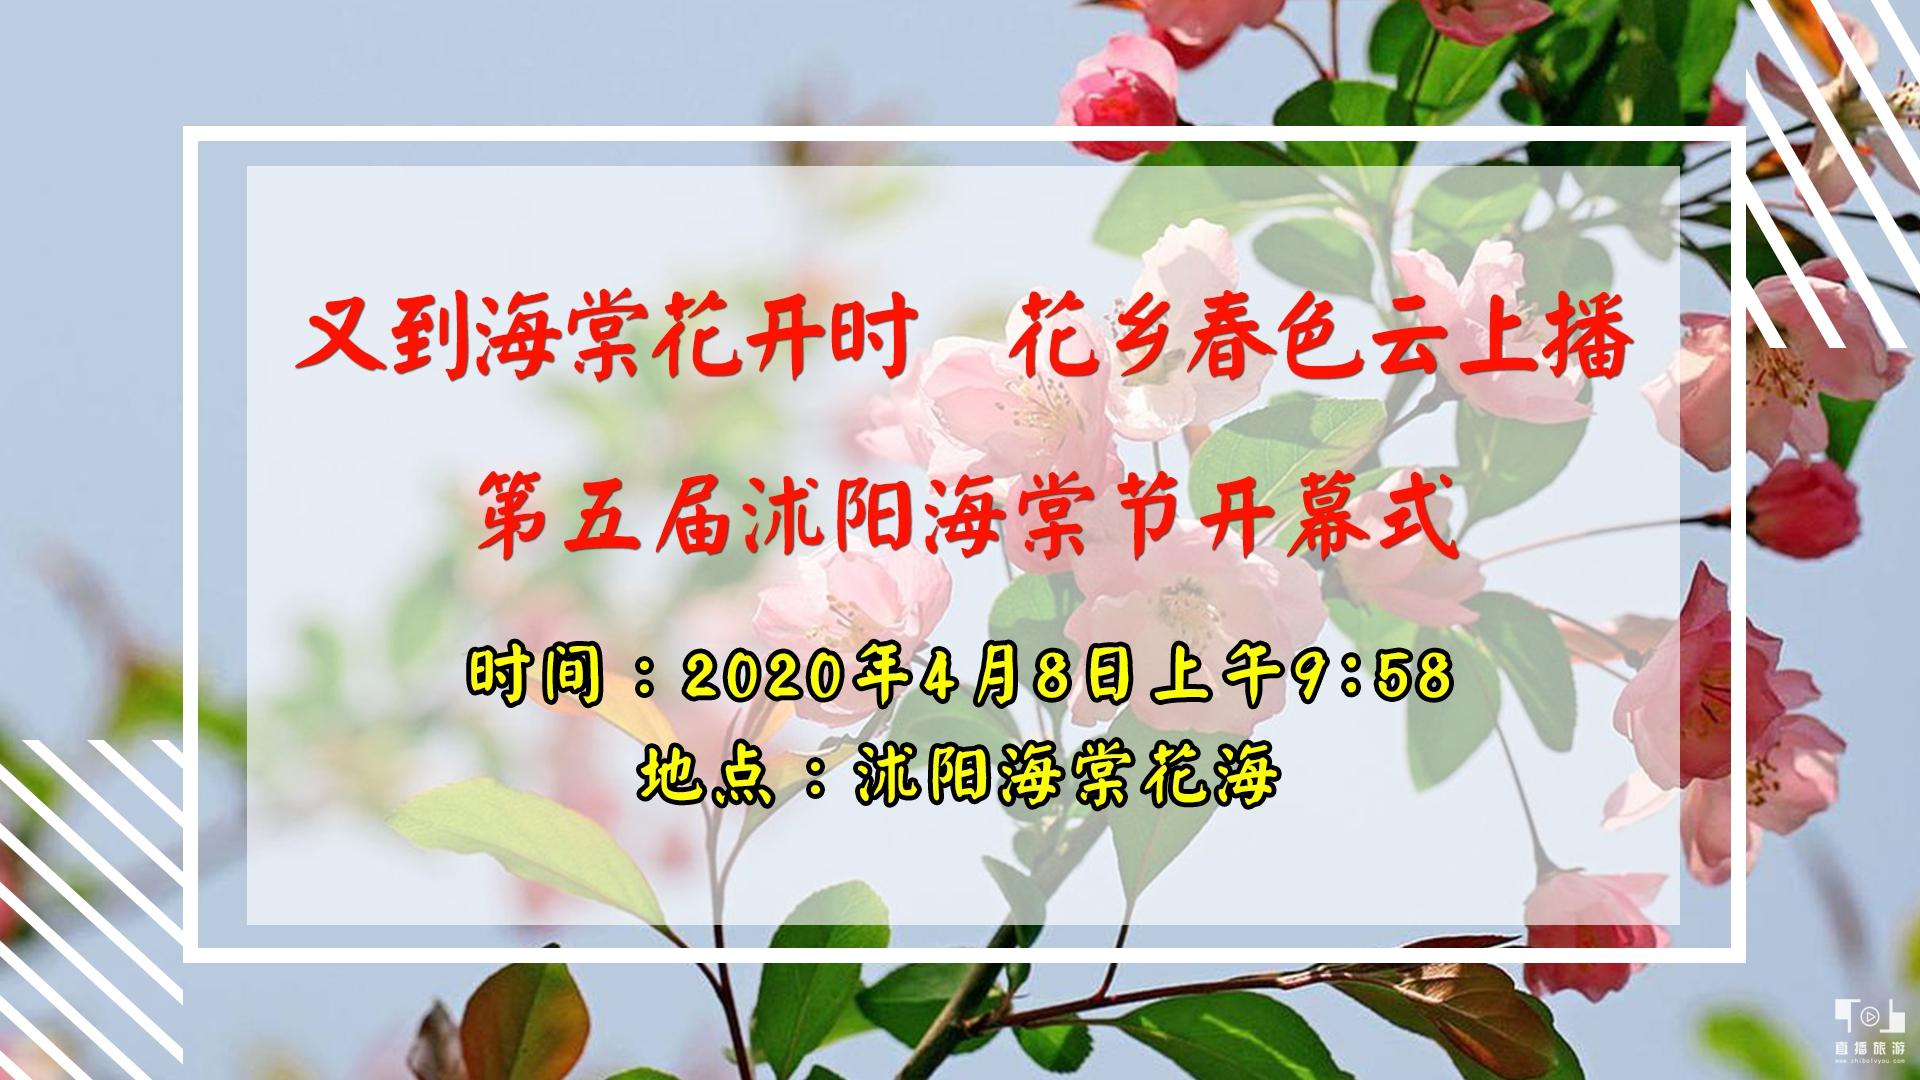 又是海棠花开时 花乡春色云上播 【第五届沭阳海棠节开幕式】